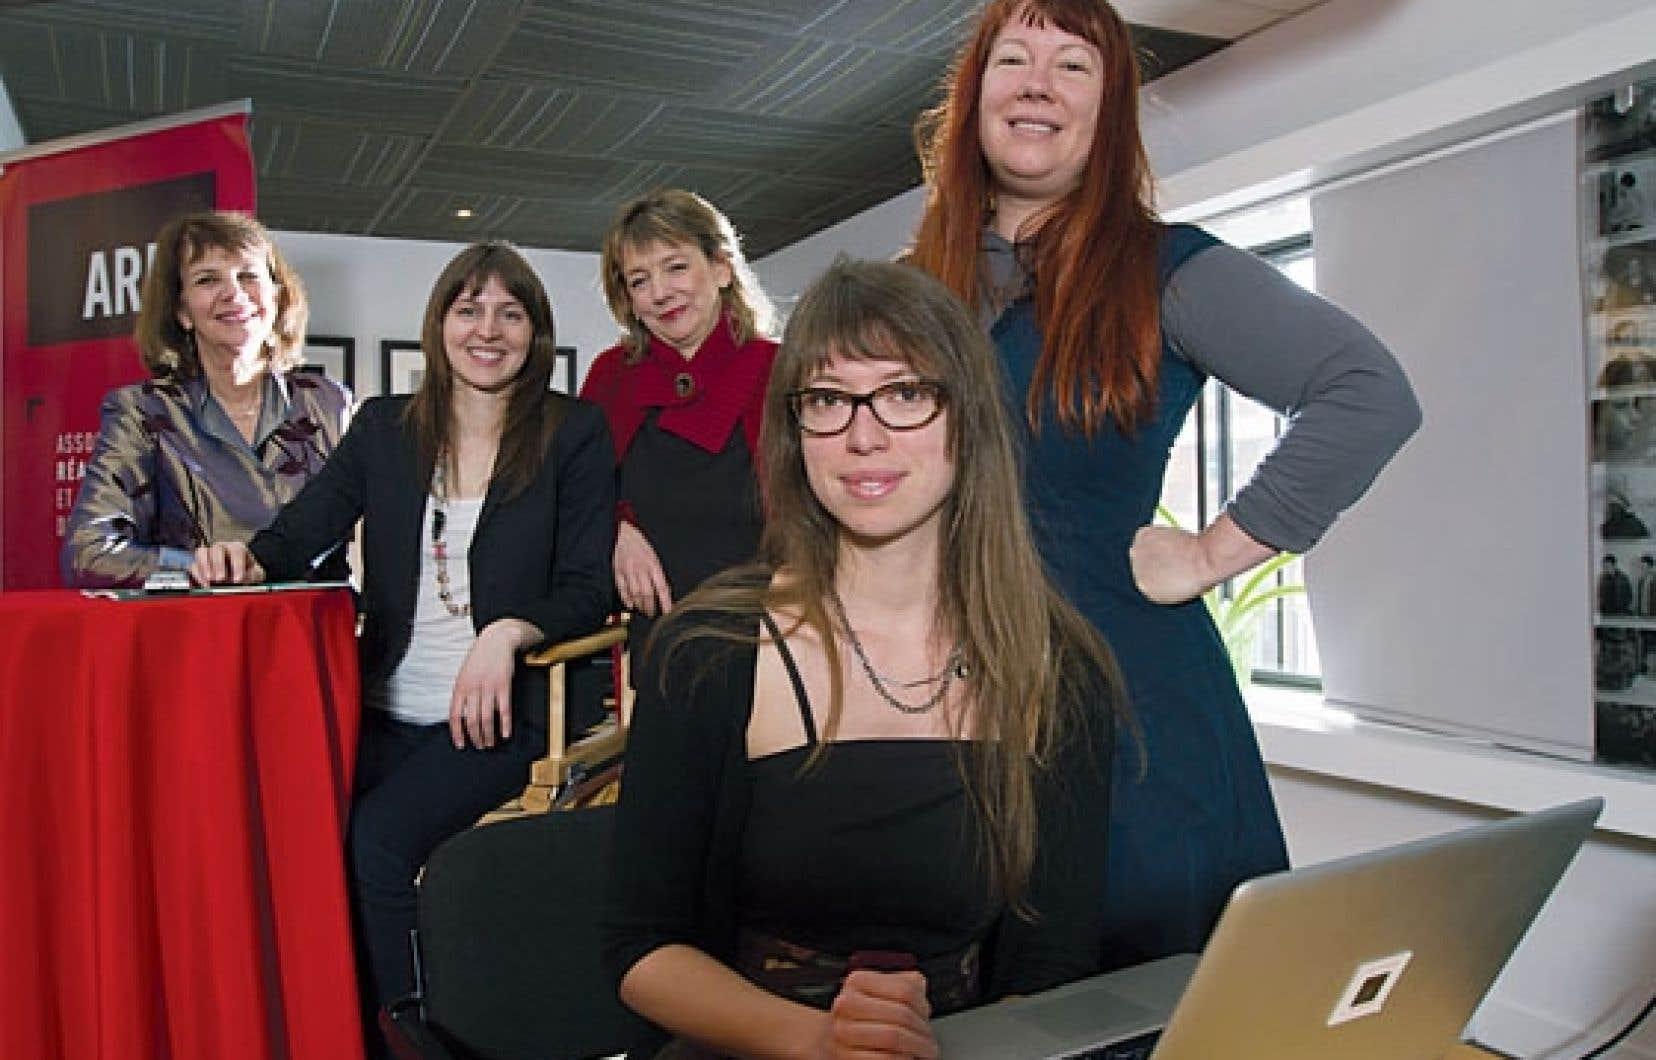 La sociologue Anna Lupien (premier plan) présentait lundi les résultats de son étude L'avant et l'arrière de l'écran, en compagnie de membres du collectif Réalisatrices équitables.